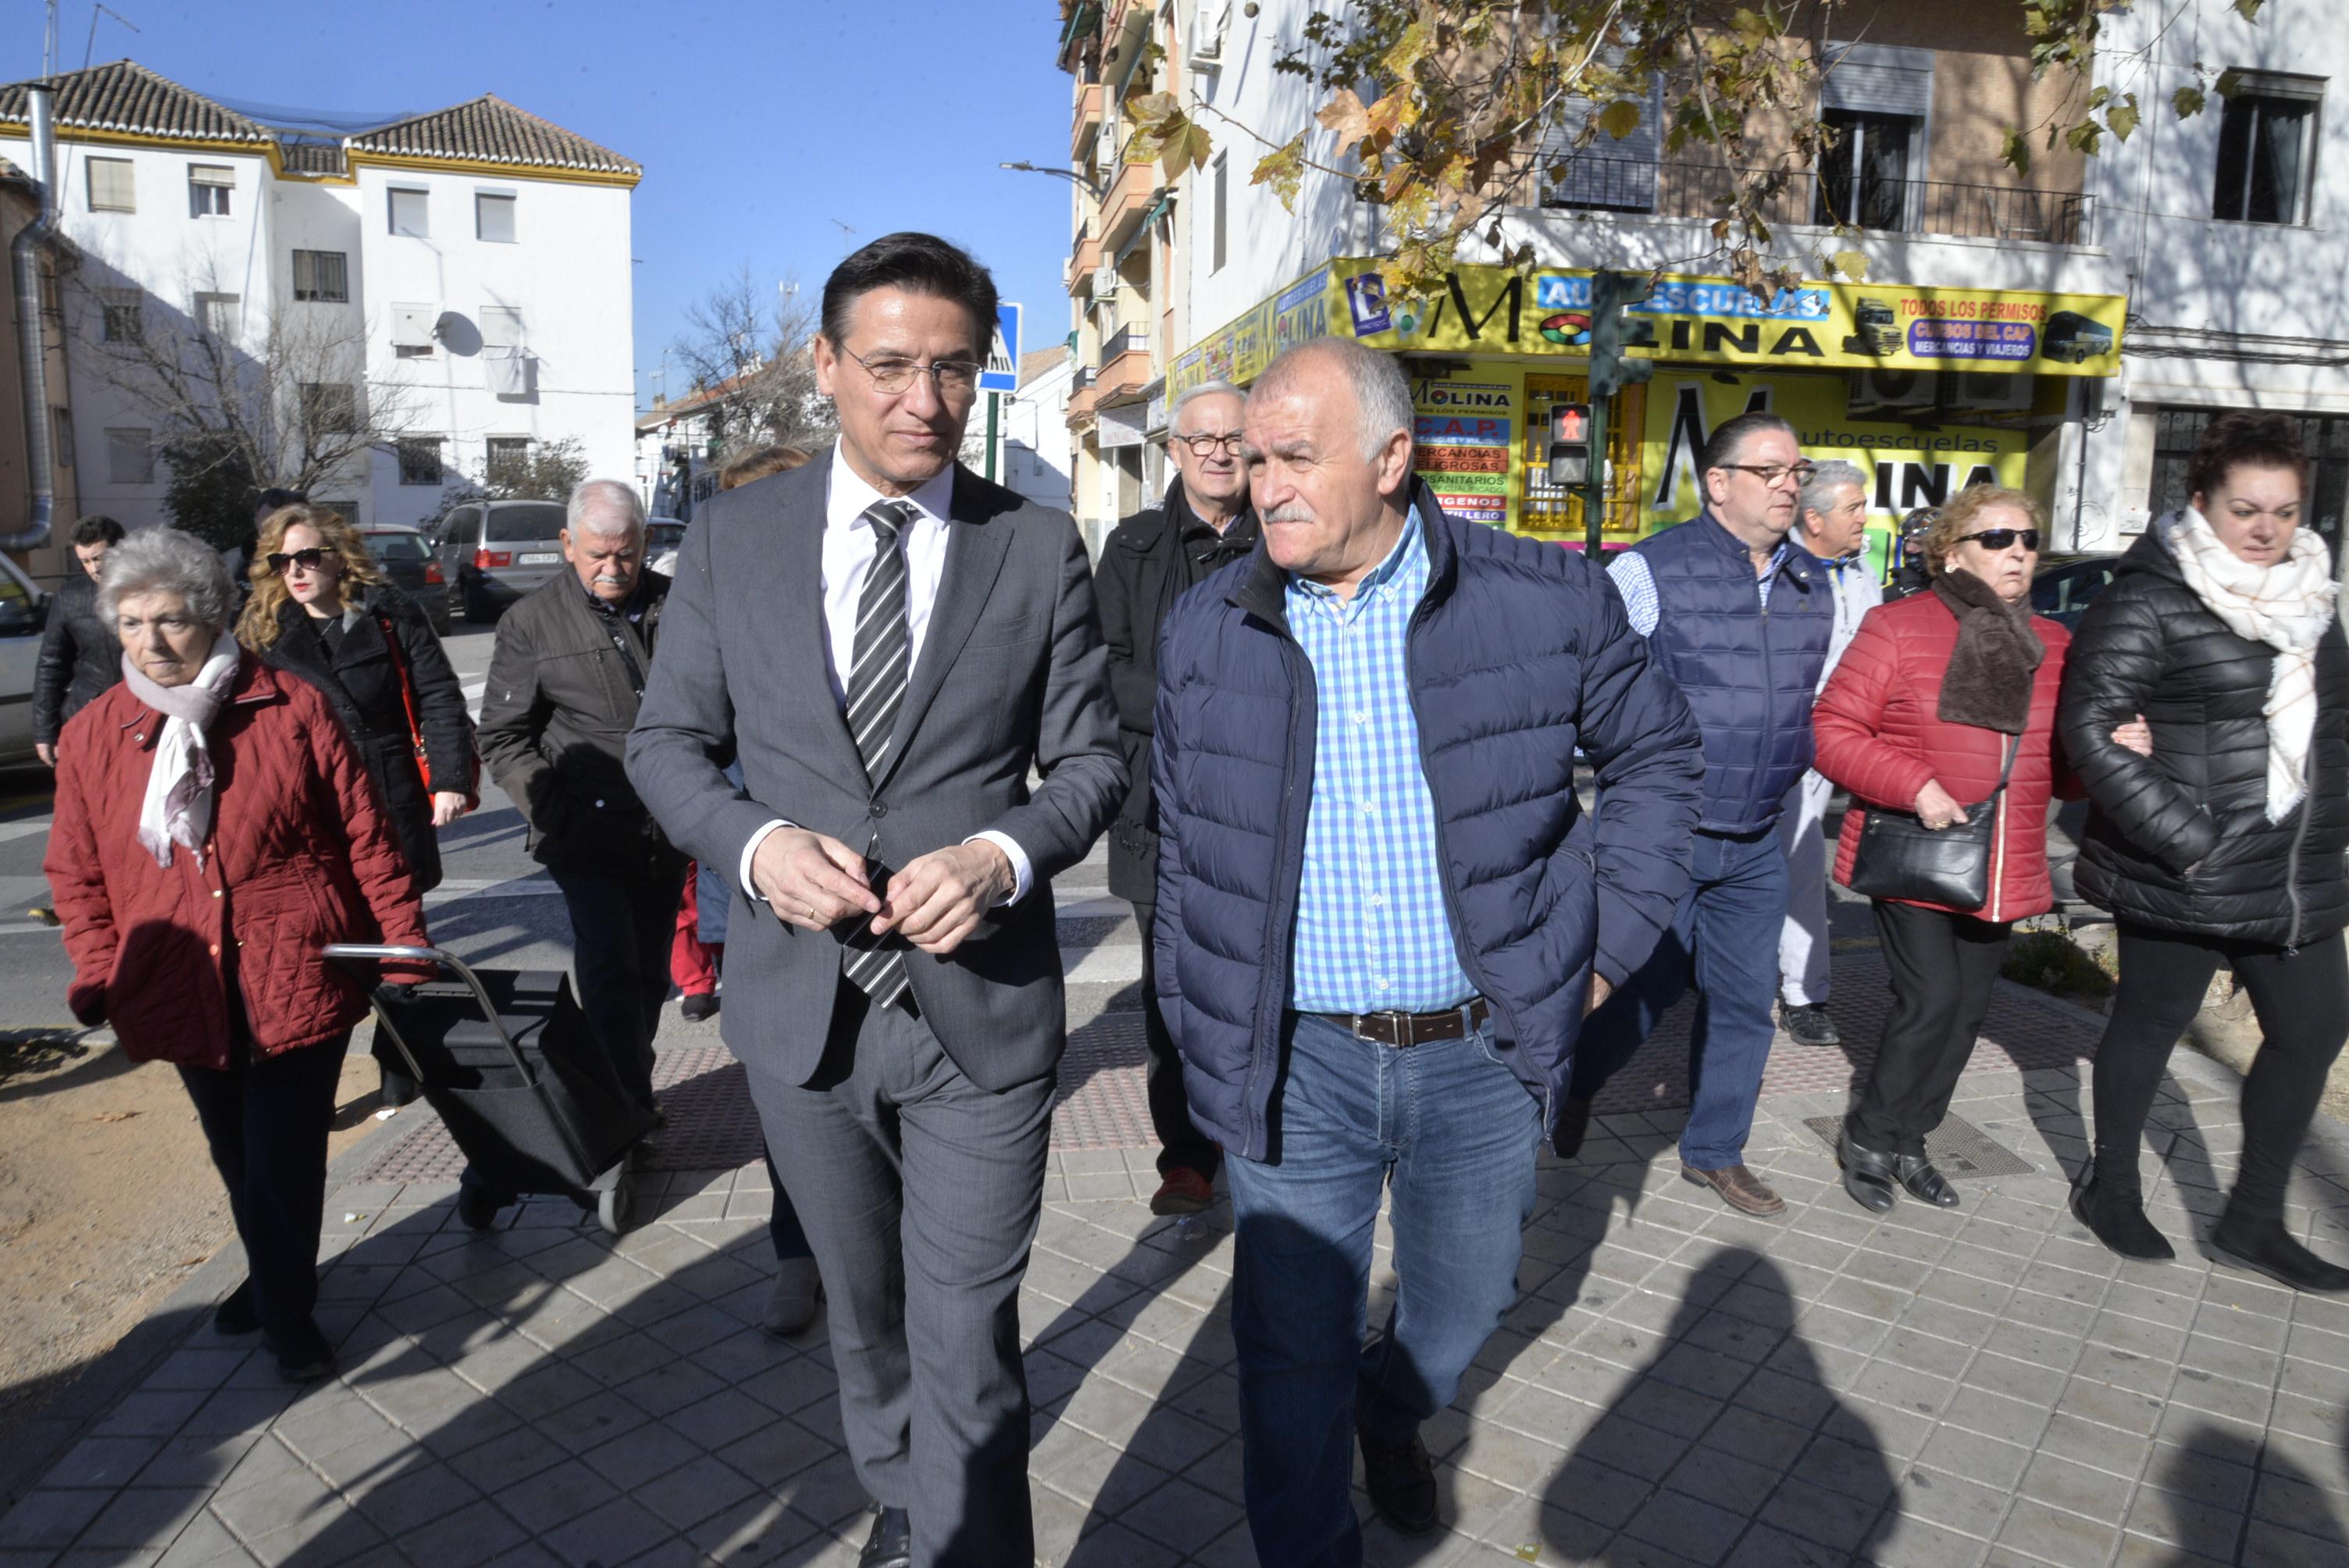 El Ayuntamiento reformará Villarejo para hacer más accesible y seguro el acceso a la Chana